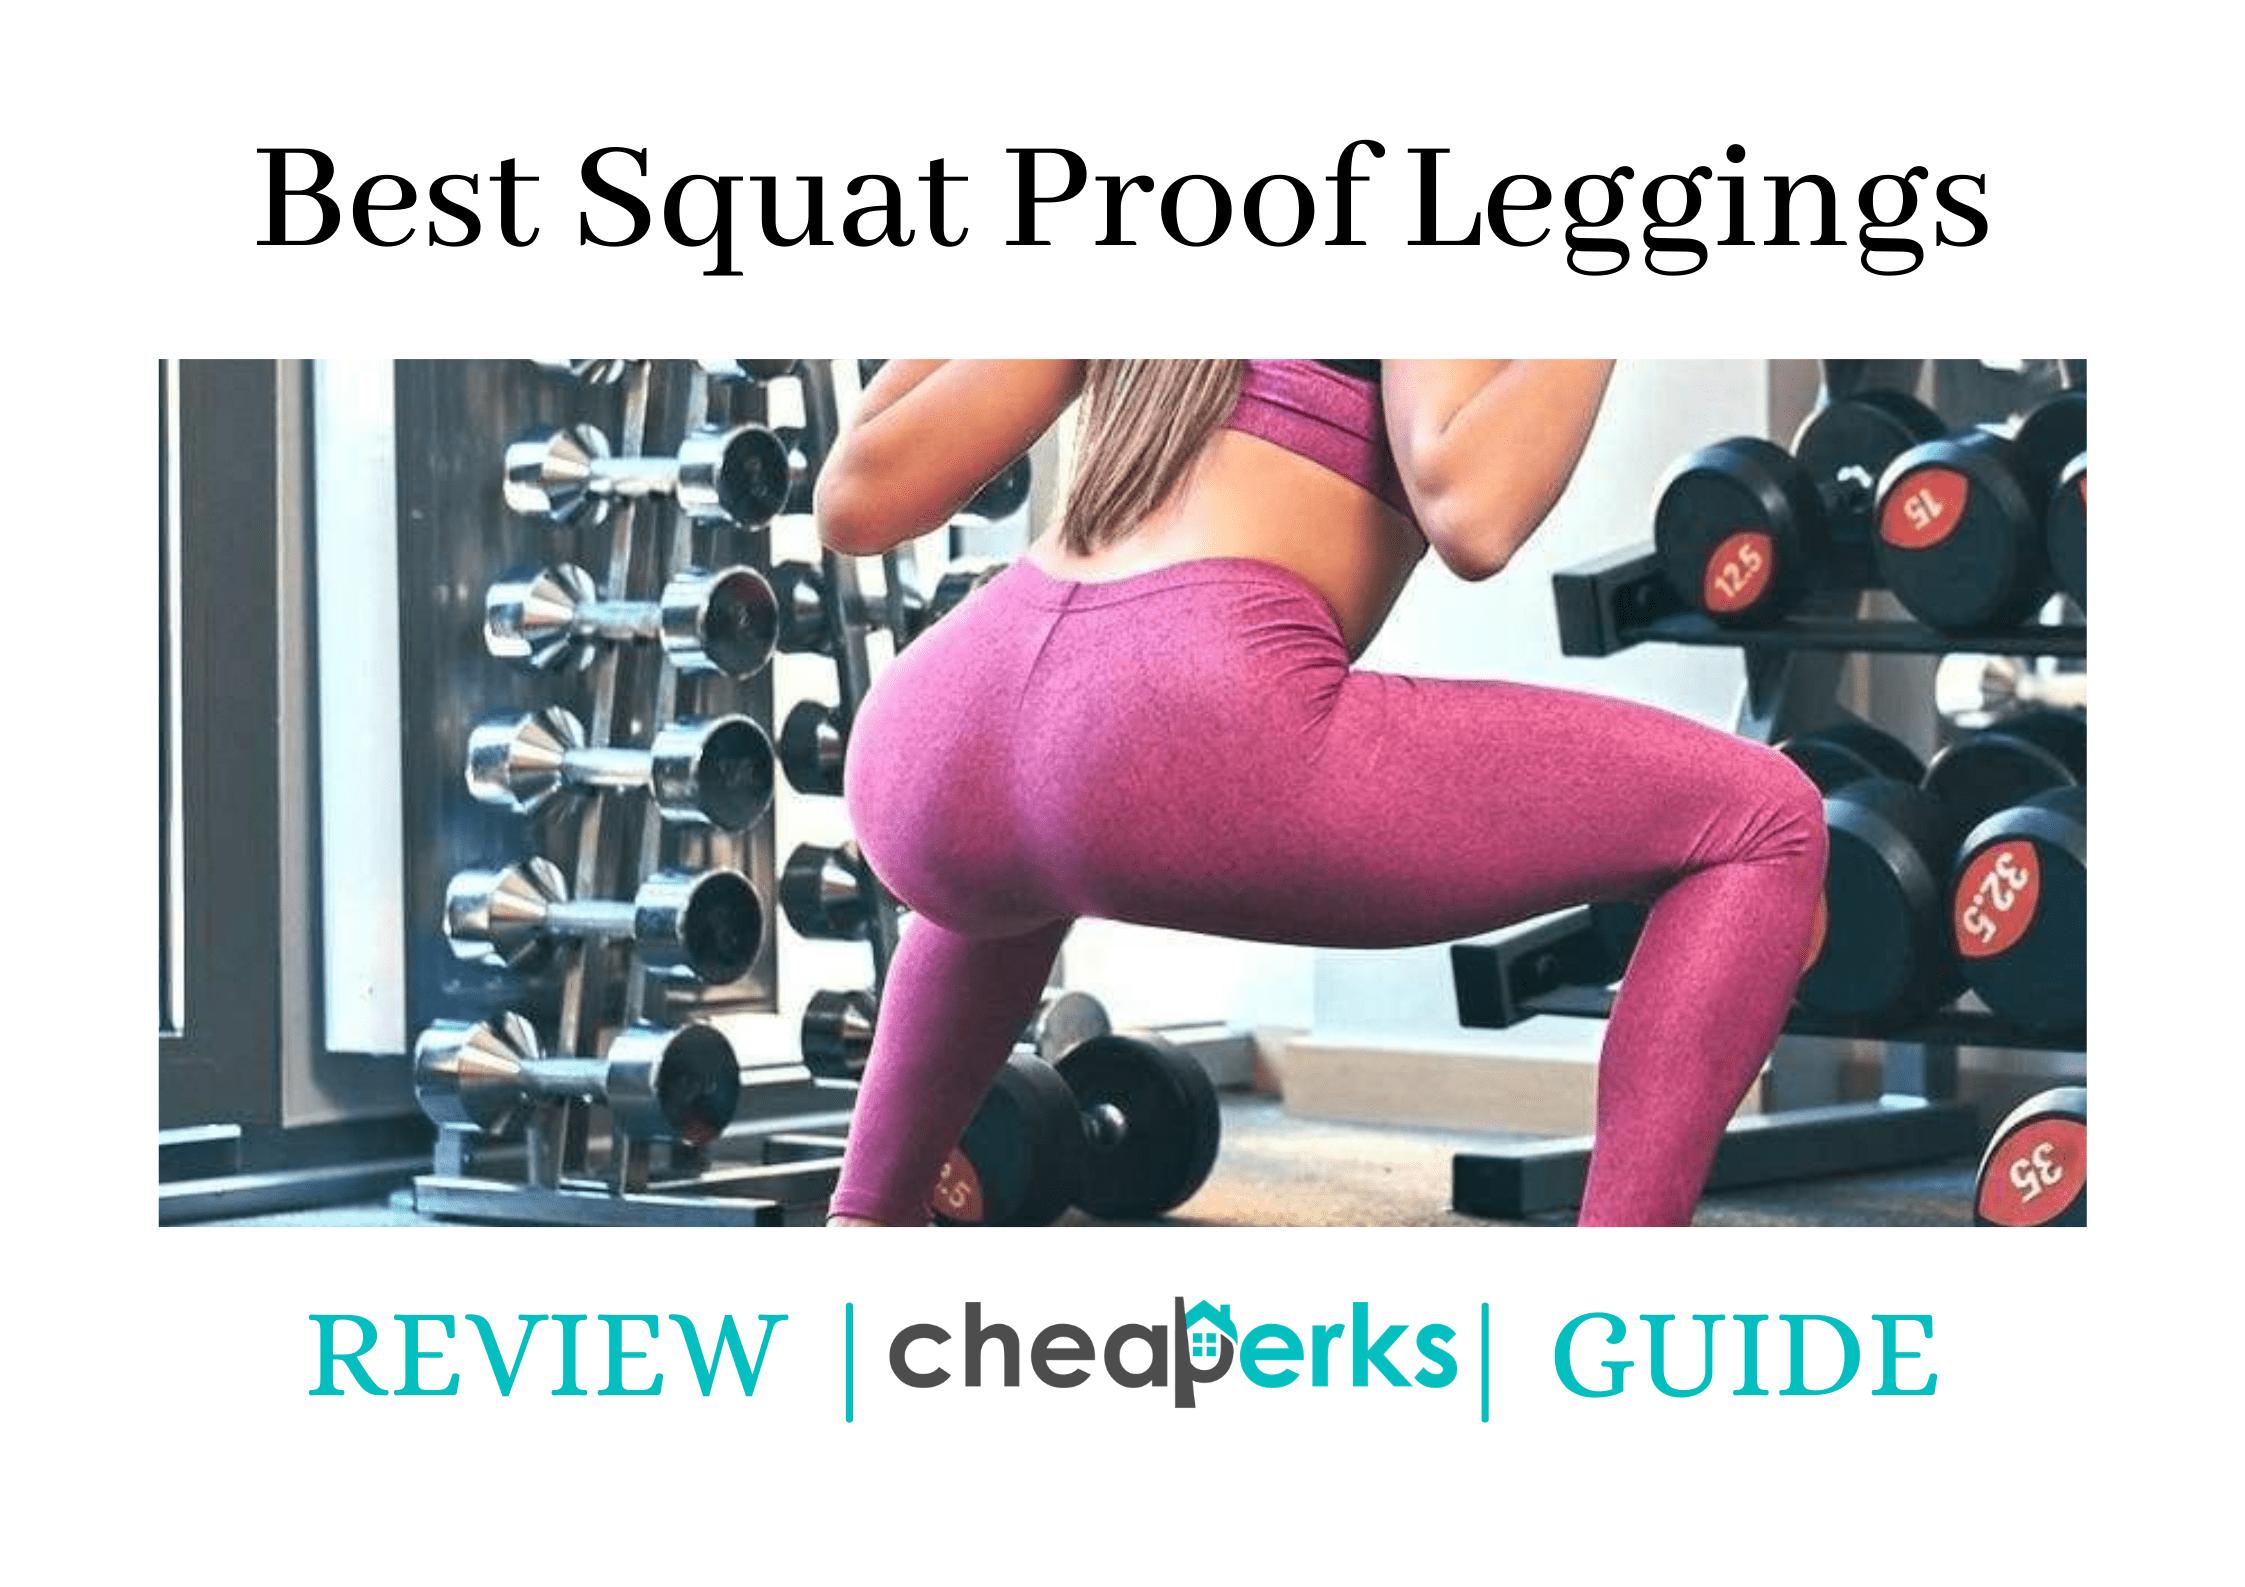 Best Squat Proof Leggings